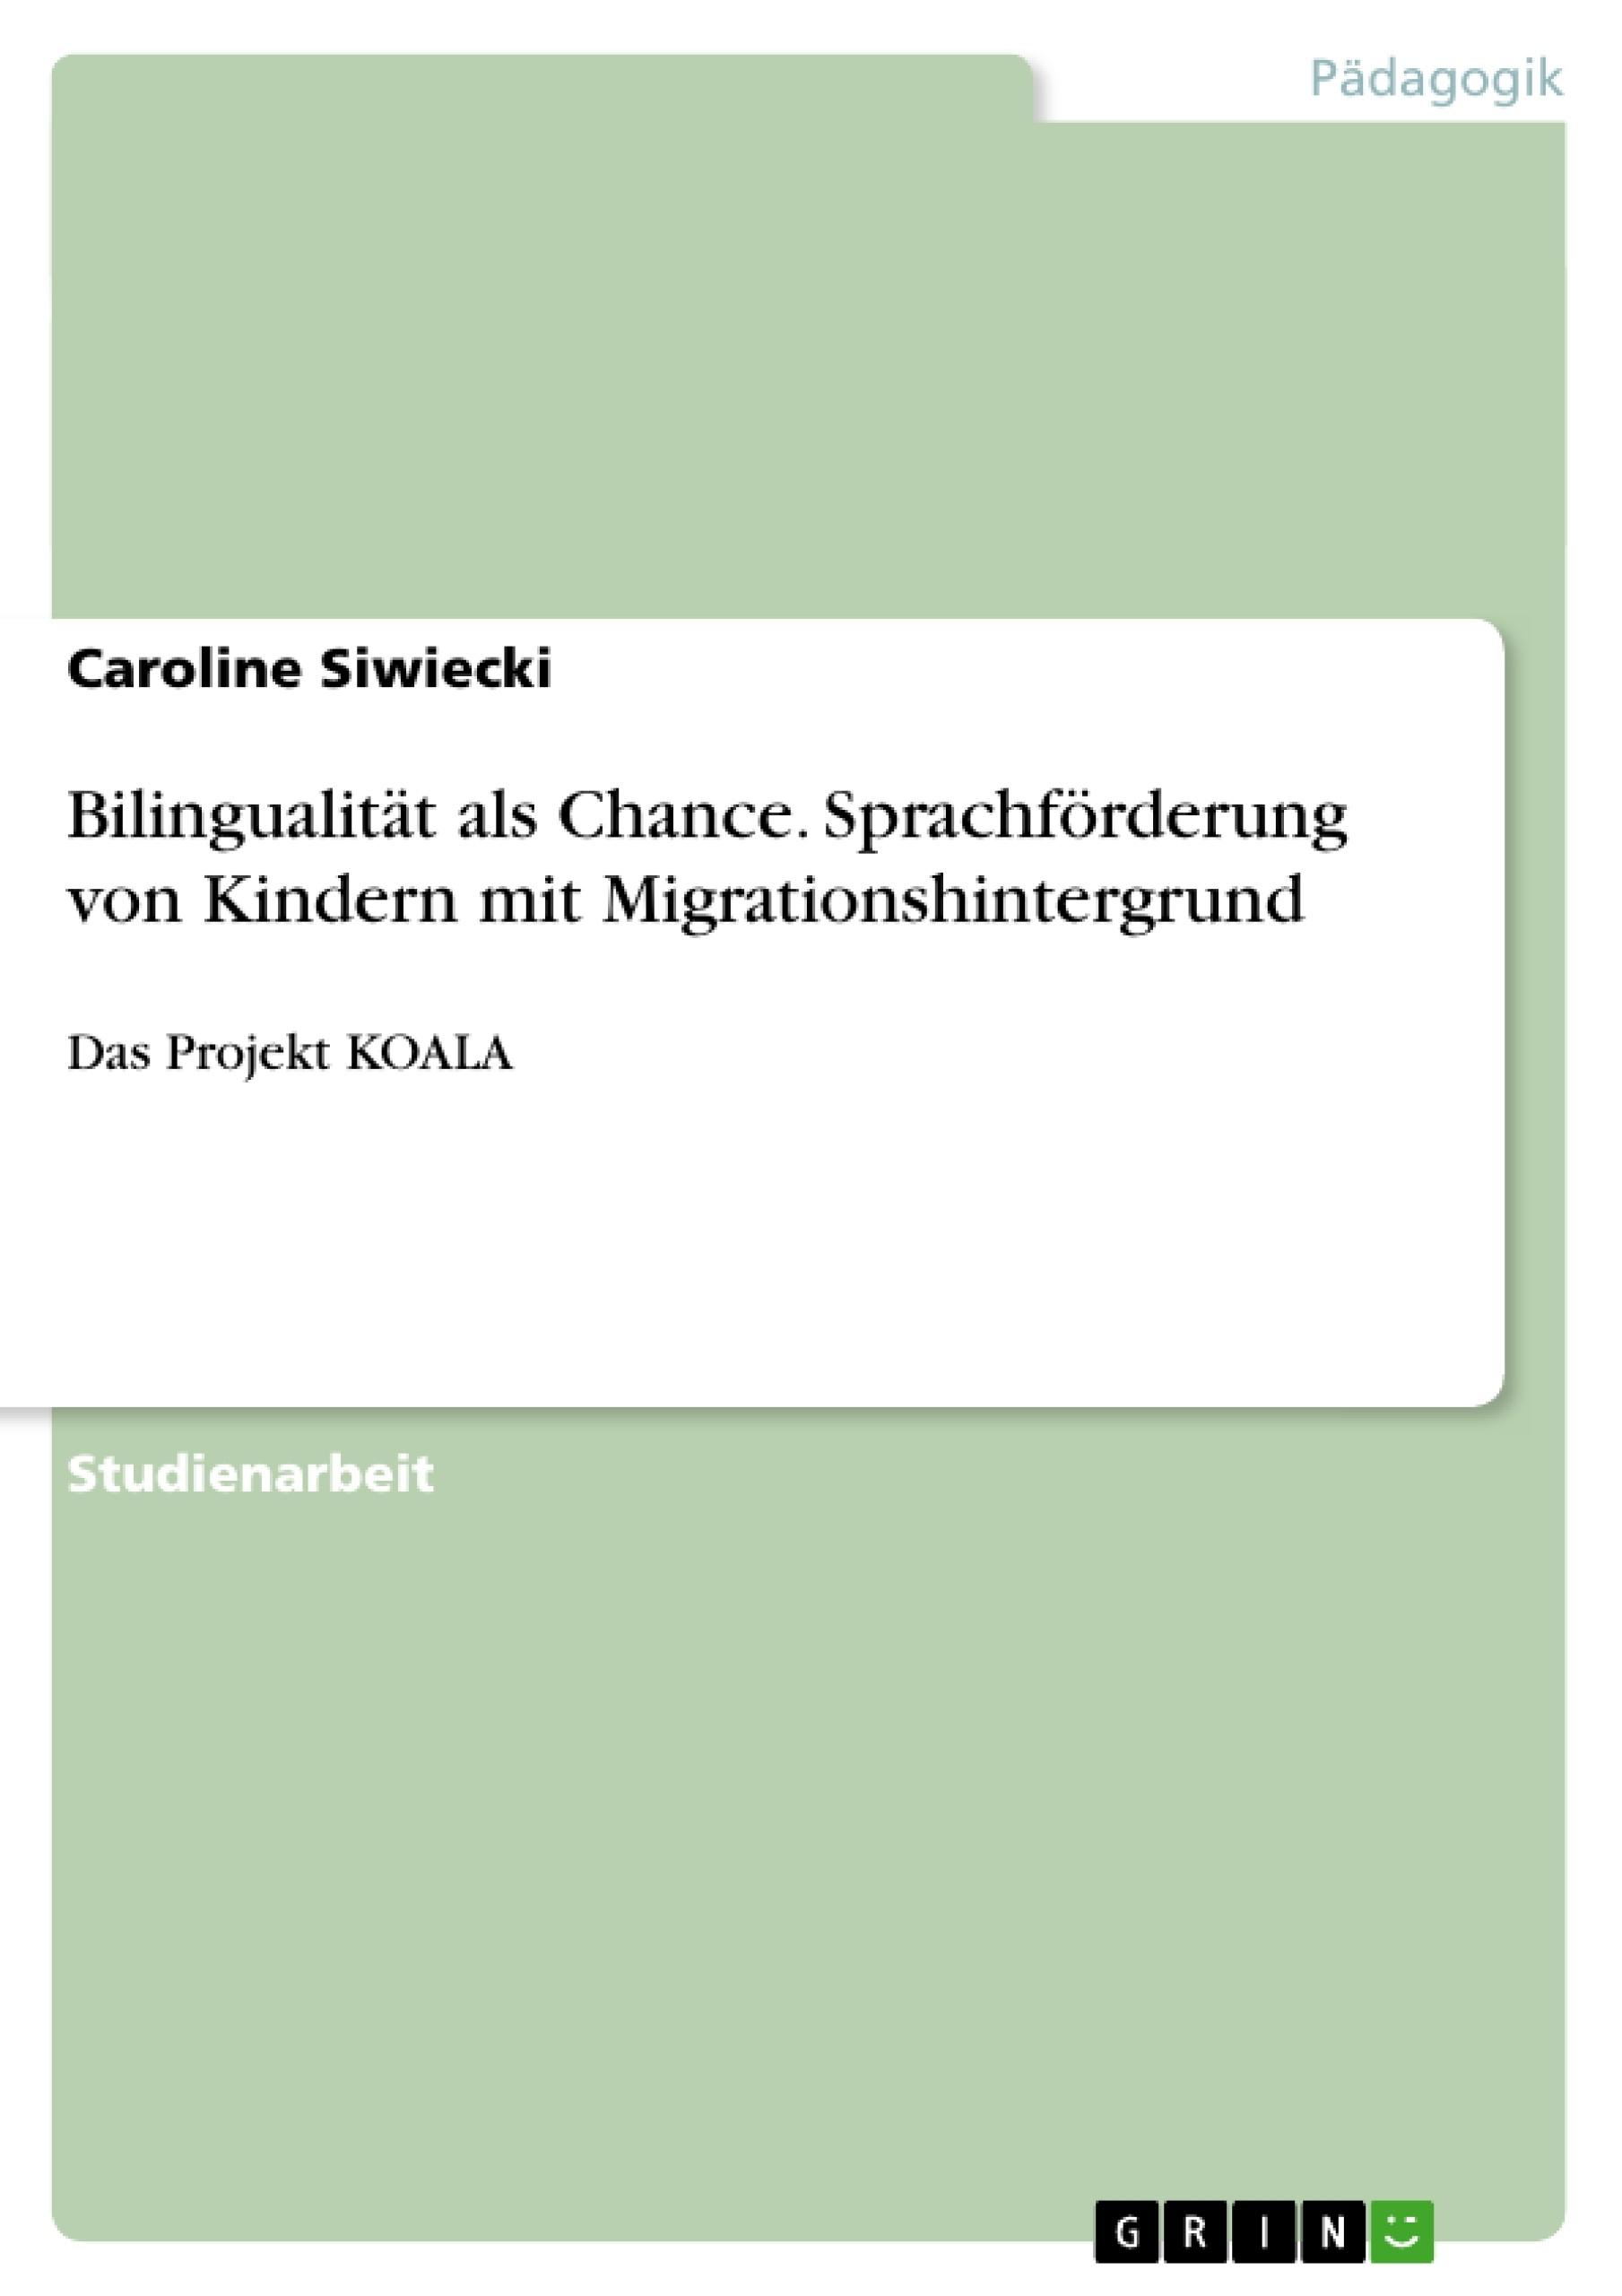 Titel: Bilingualität als Chance. Sprachförderung von Kindern mit Migrationshintergrund